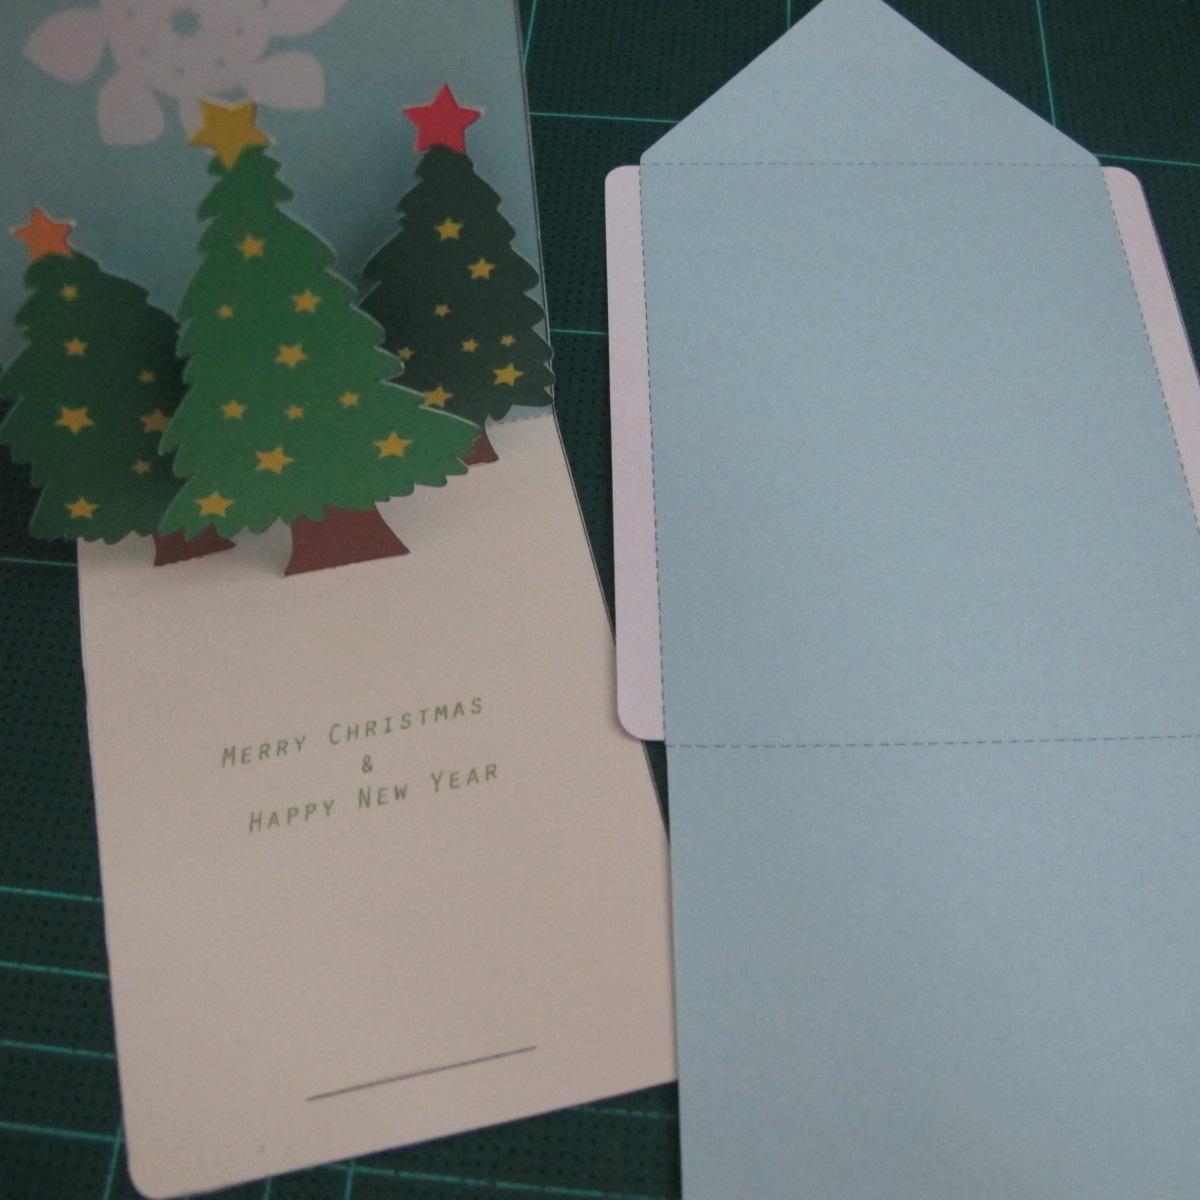 การทำการ์ดอวยพรลายต้นคริสต์มาสแบบป็อปอัป (Card Making Christmas Trees Pop-Up Card Template) 014